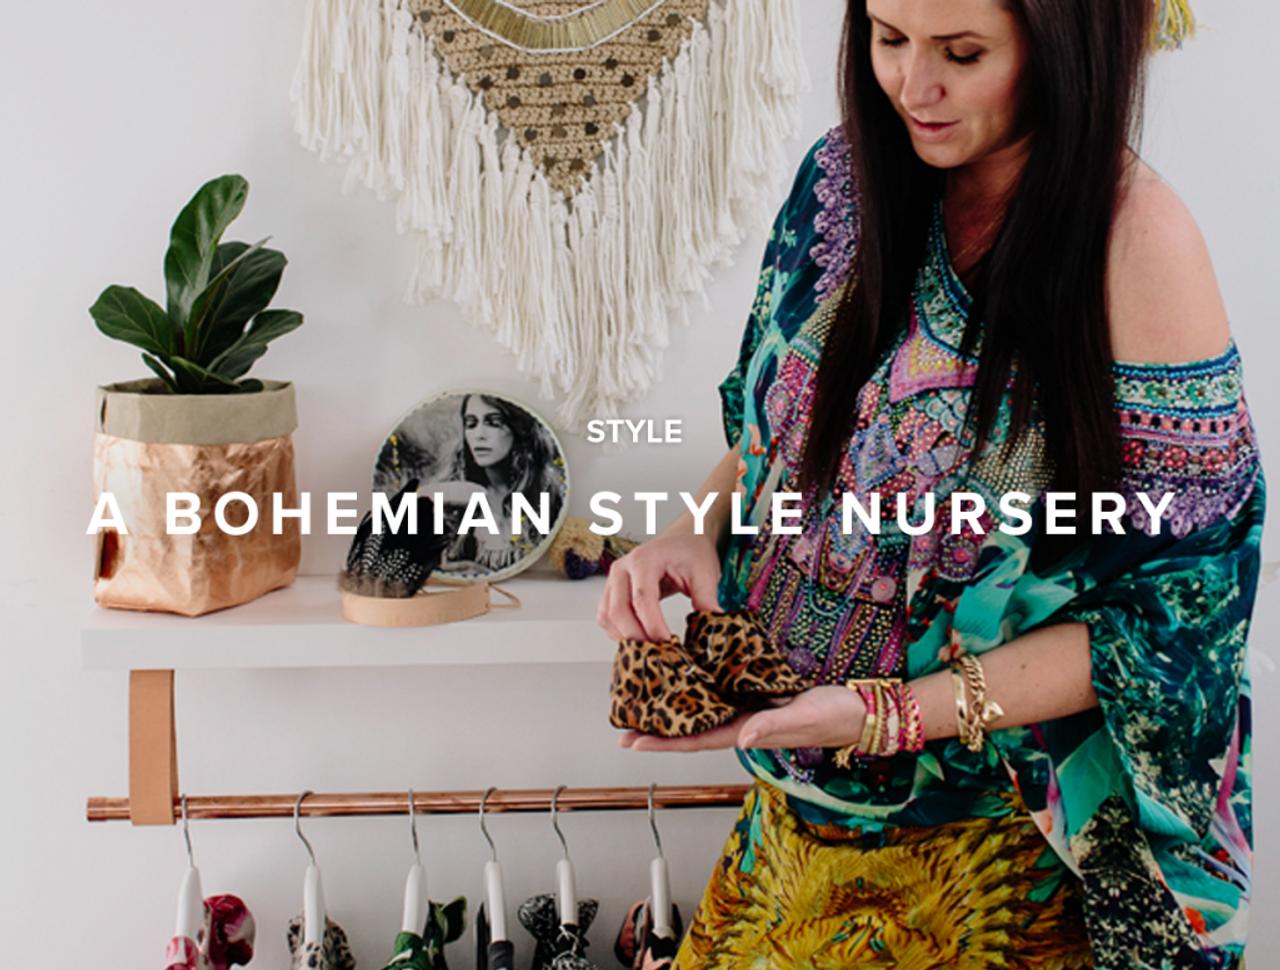 A Bohemian Style Nursery